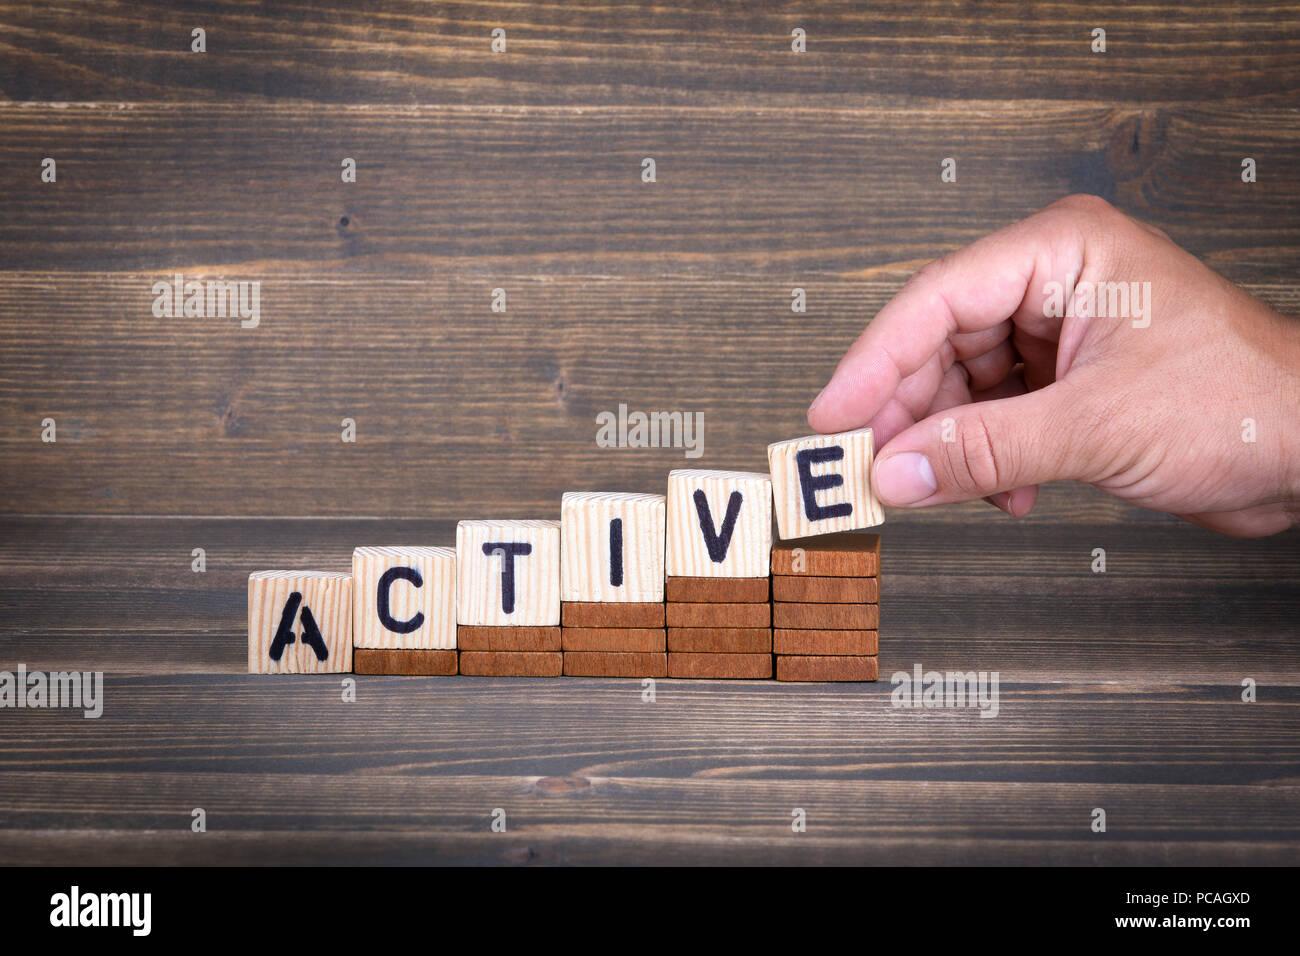 Aktiv. Holz- Buchstaben auf dem Schreibtisch Stockbild